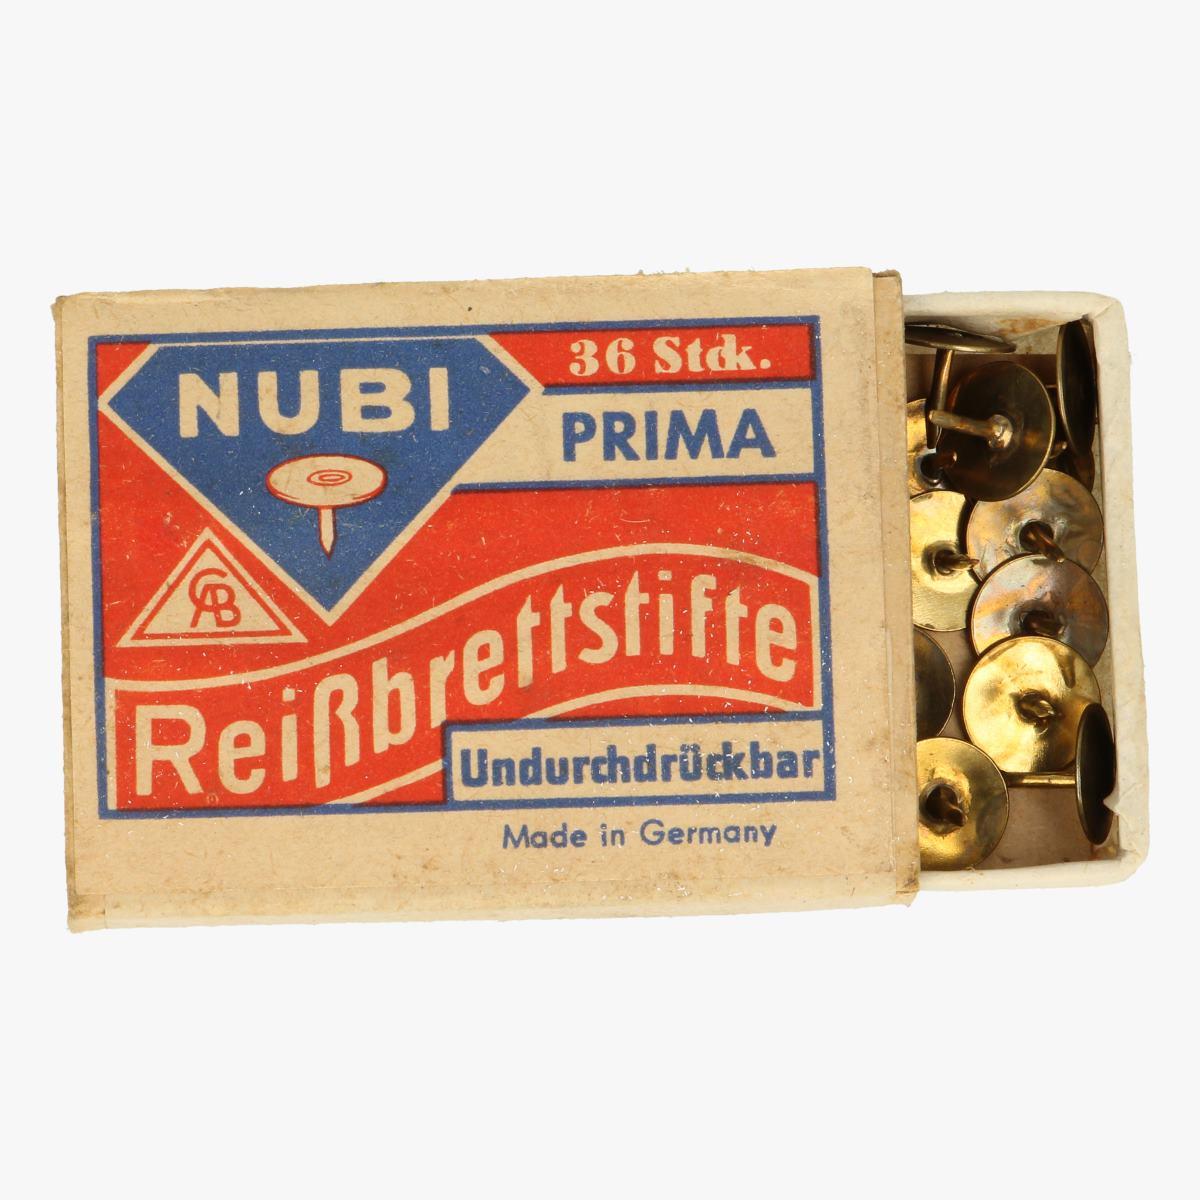 Afbeeldingen van oude doosje punaises nubi made in germany